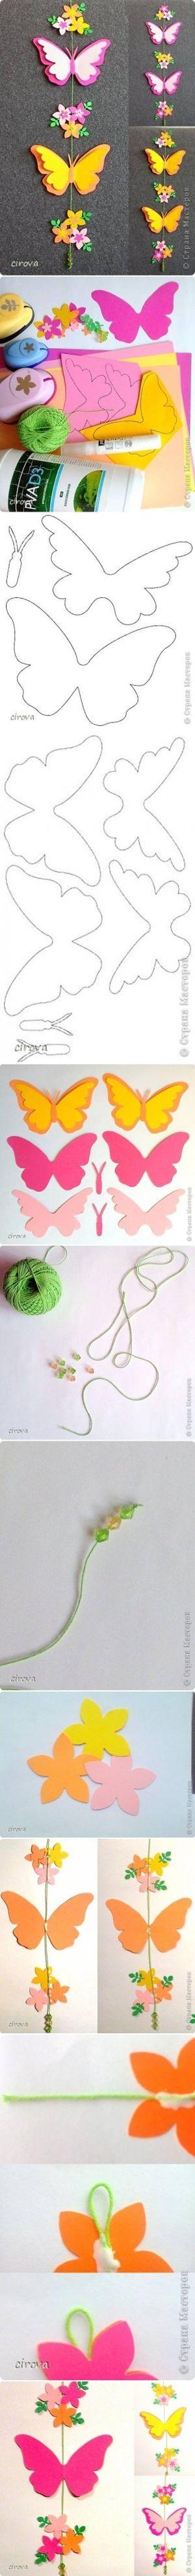 ¿Quieres hacer mariposas del papel móviles? Como siempre en www.megacity.es…